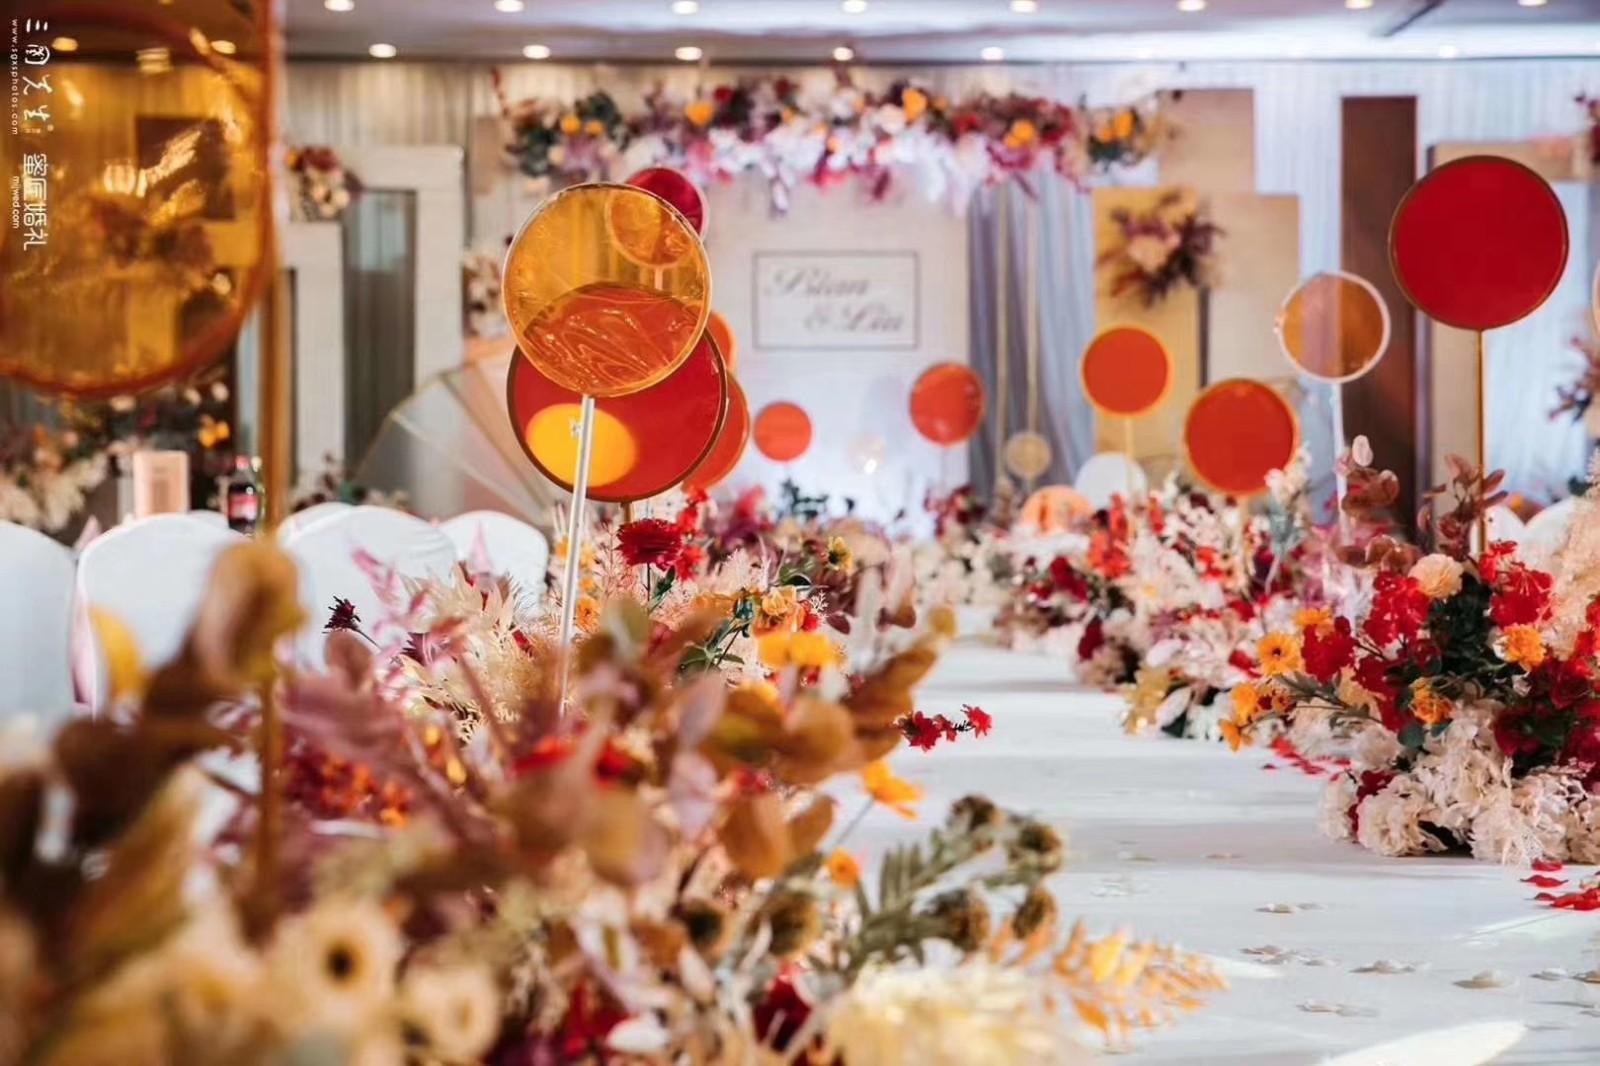 婚礼台上布置效果图片 婚礼小舞台布置图片